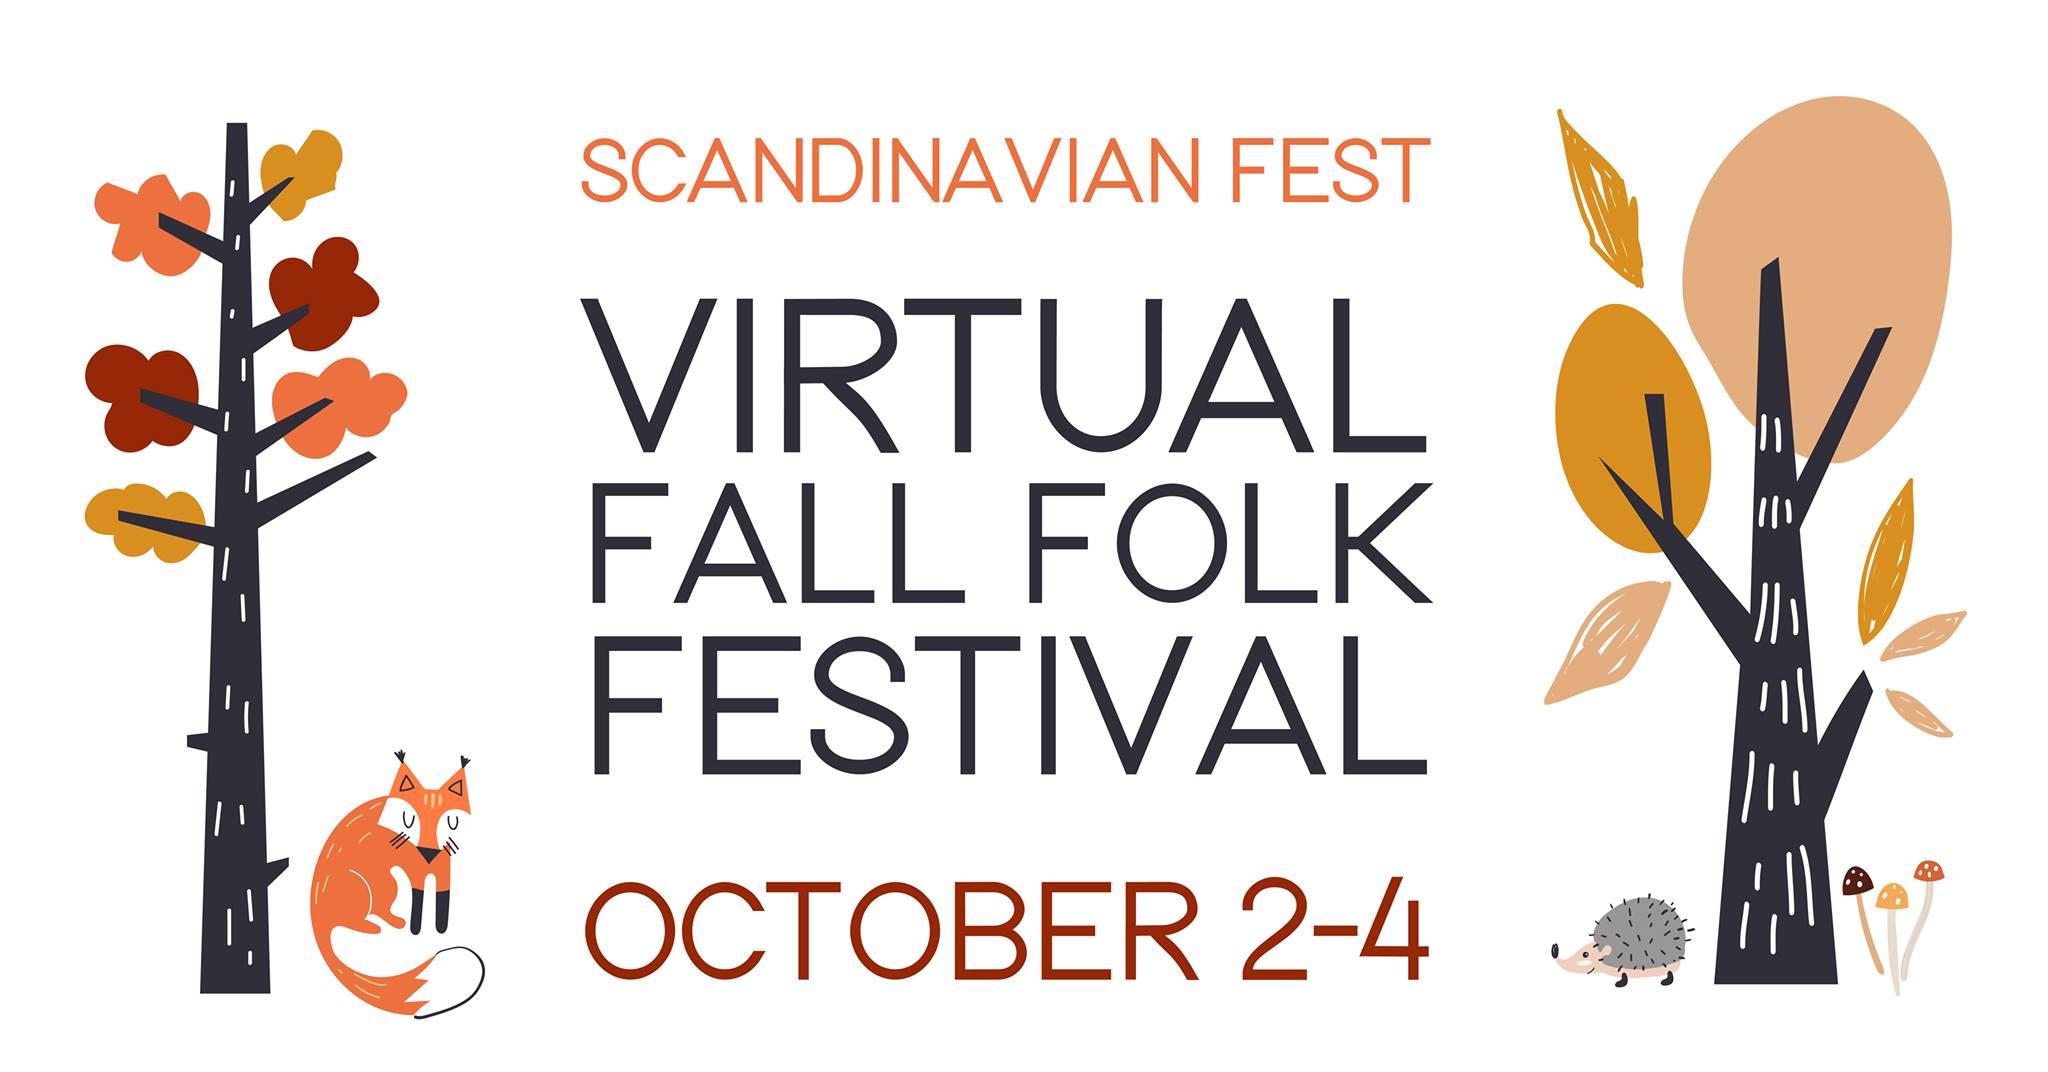 Scandinavian Fest